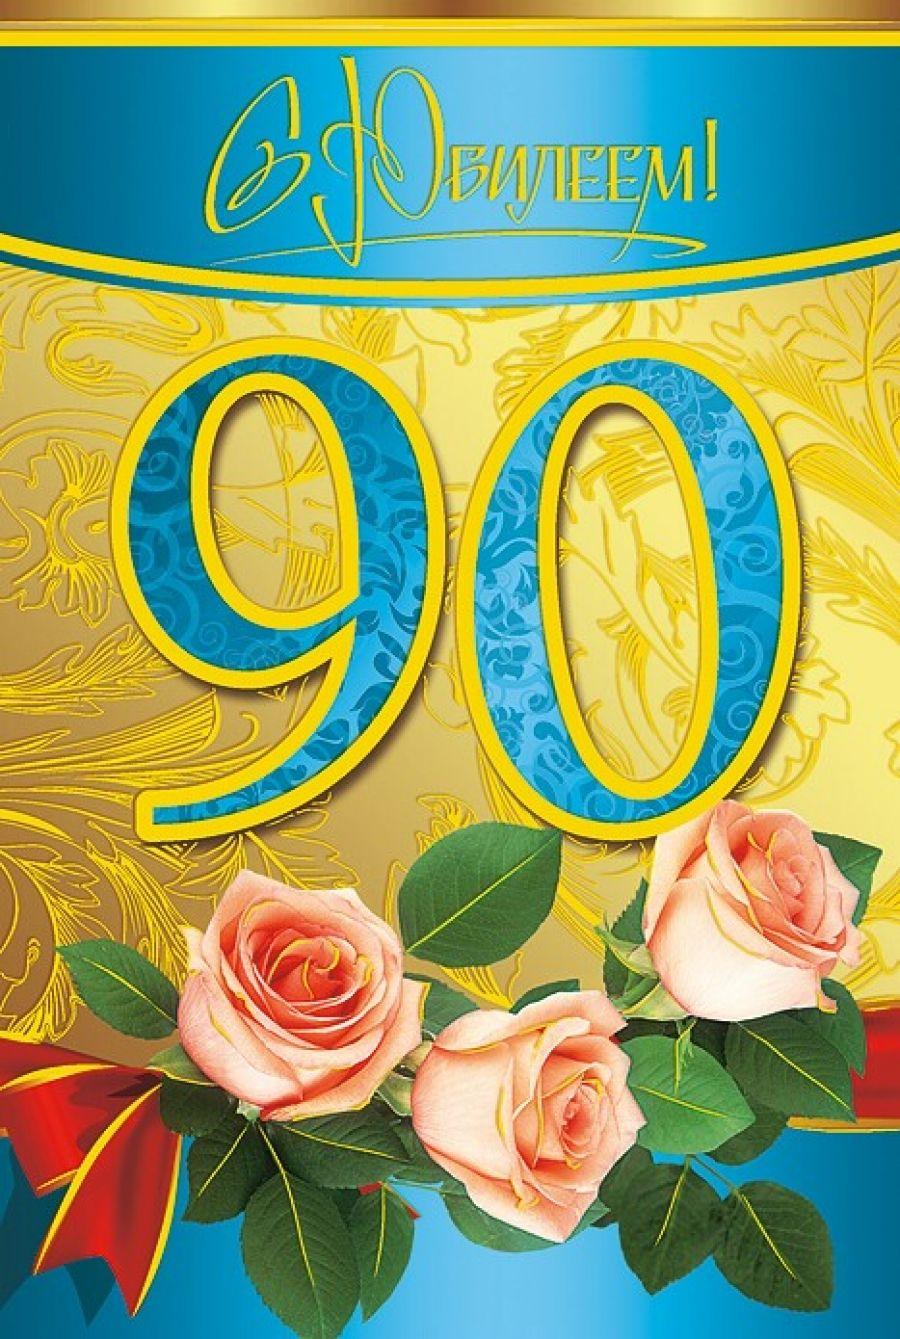 Поздравления на юбилей 90 лет женщине от родных, близких и друзей в стихах 7